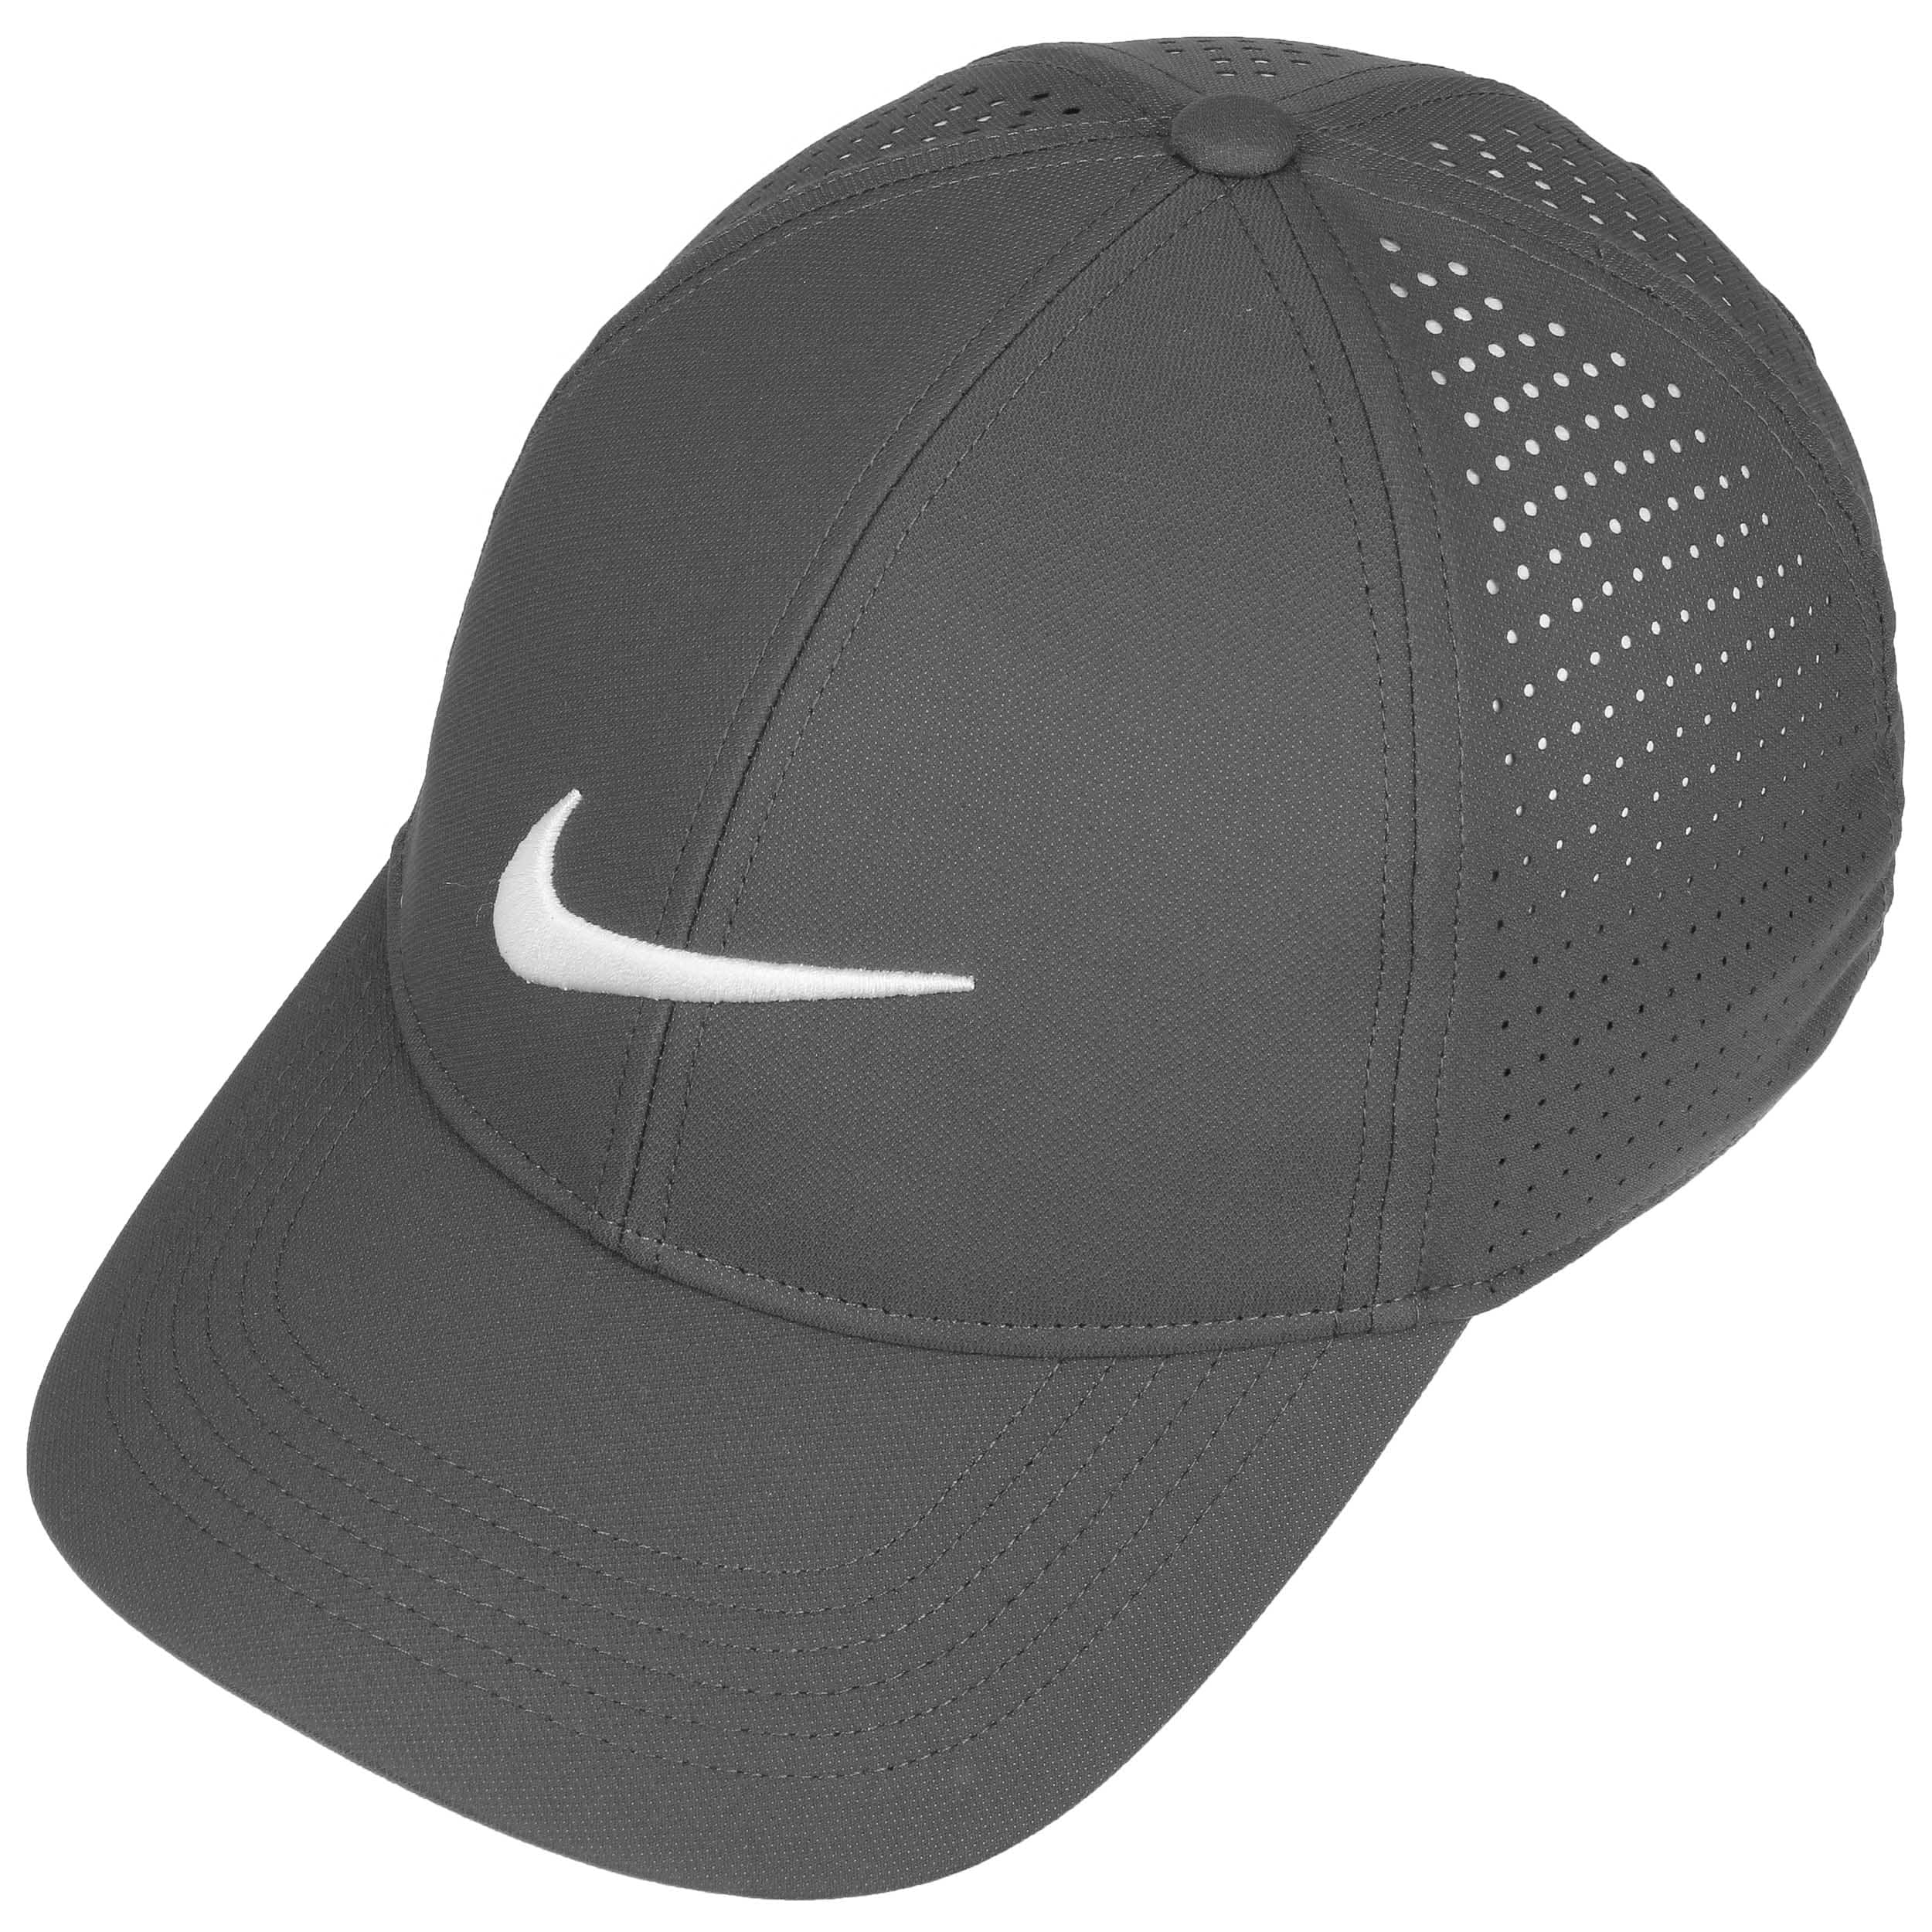 Acquista cappello di lana con visiera nike - OFF39% sconti 5955784aed37